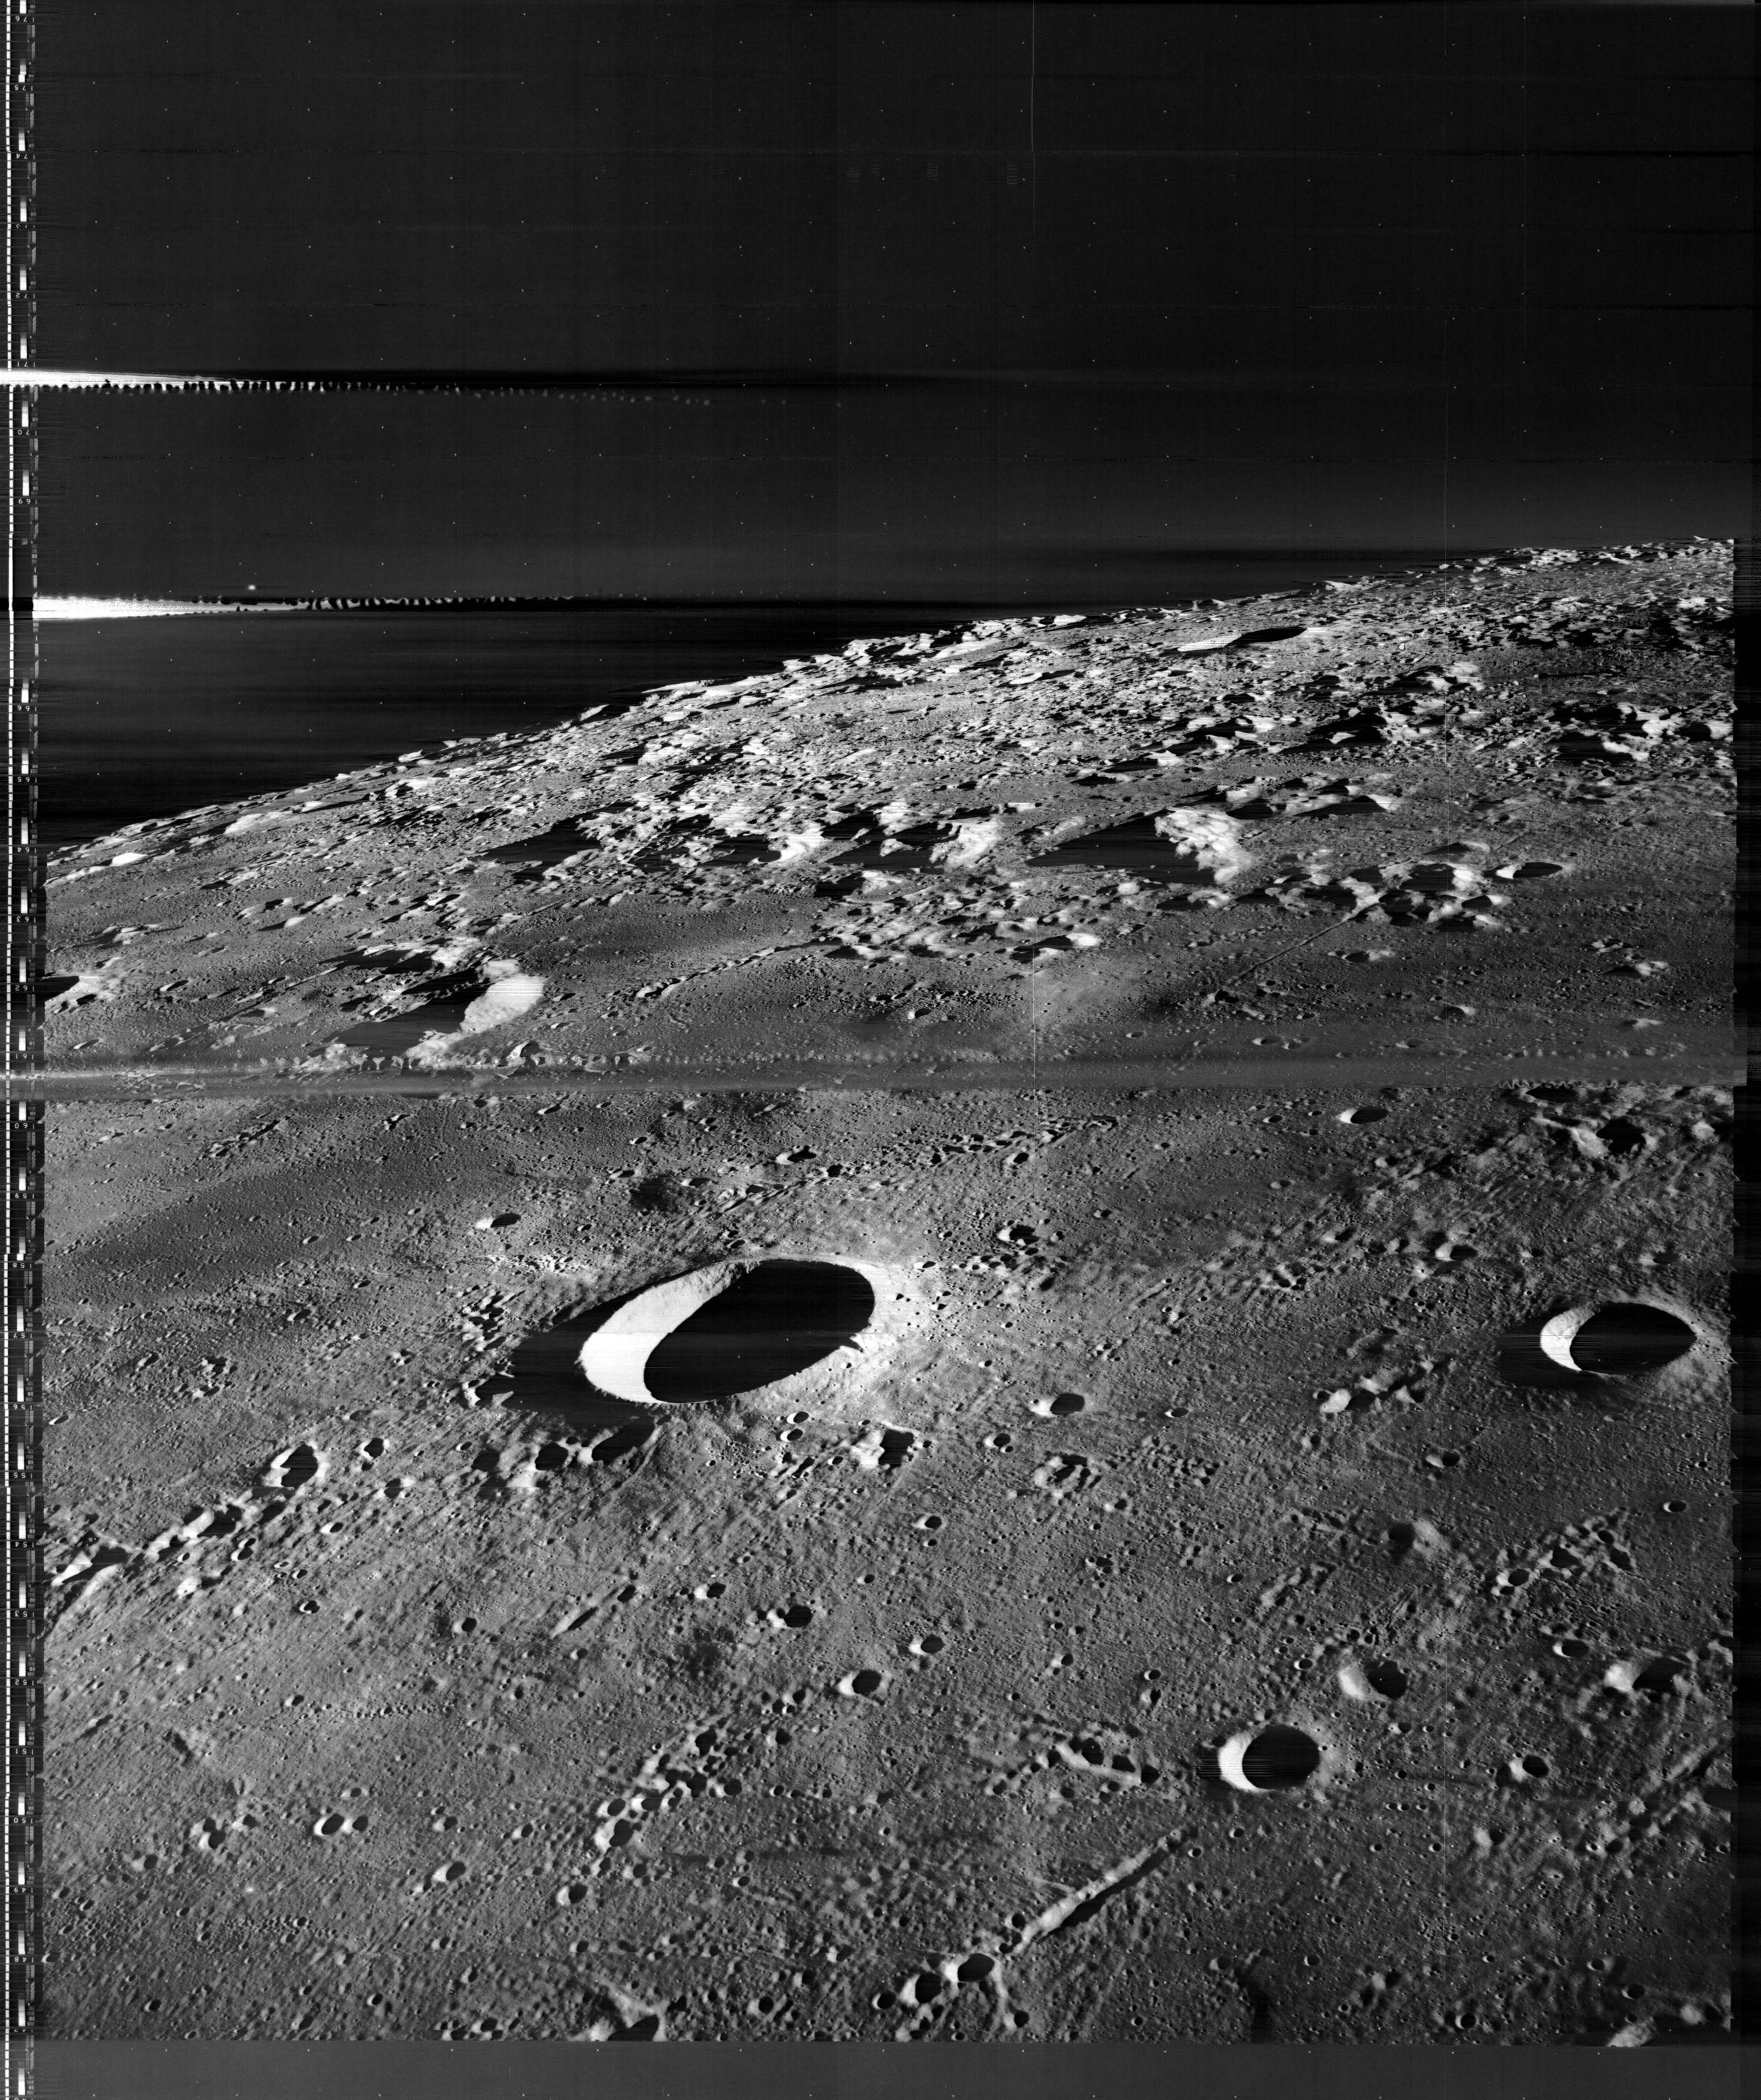 Photo Gallery: Lunar Orbiter Photo Gallery